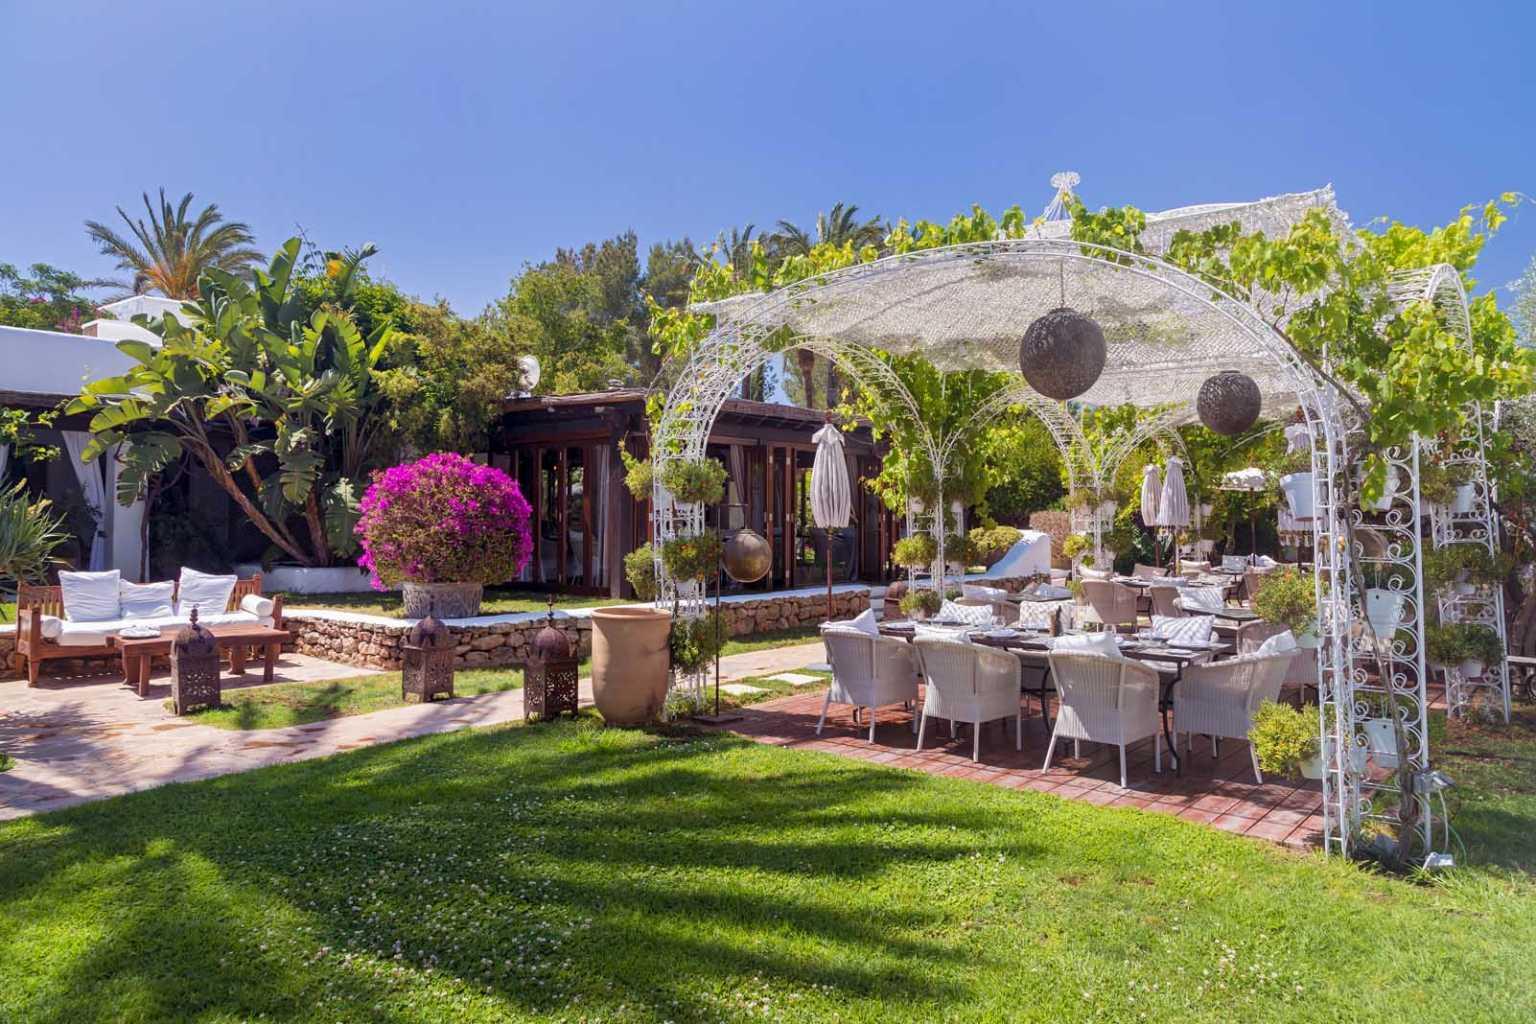 El restaurante Veranda ofrece platos innovadores con raíces mediterráneas elaborados con productos frescos recién cogidos de su huerta.